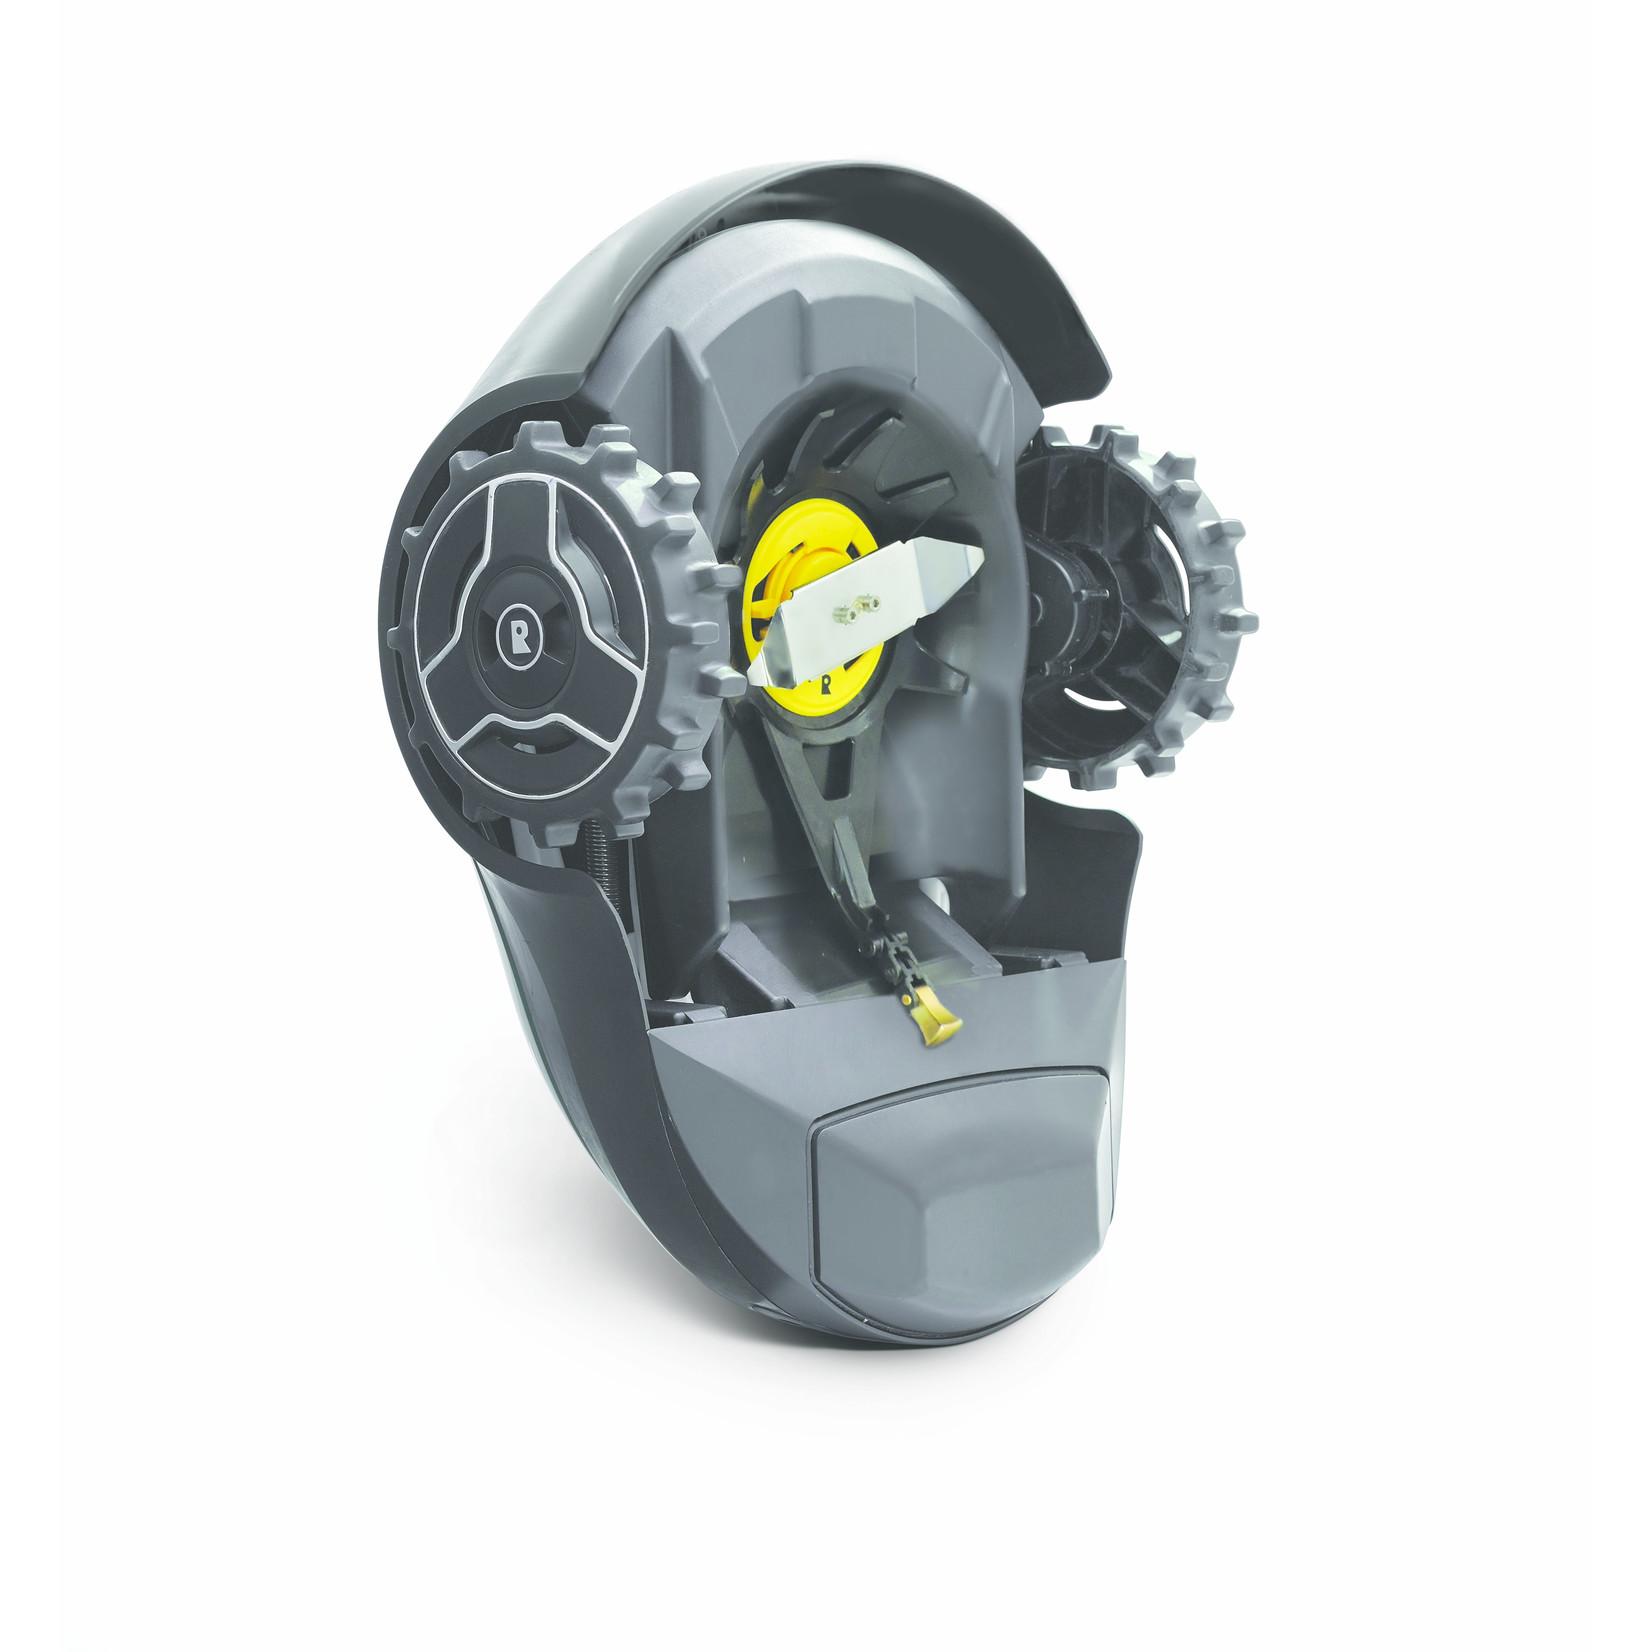 Robomow Robomow MRK9106A Mulch-Reiniger Mulch-Entferner für RX-Modelle